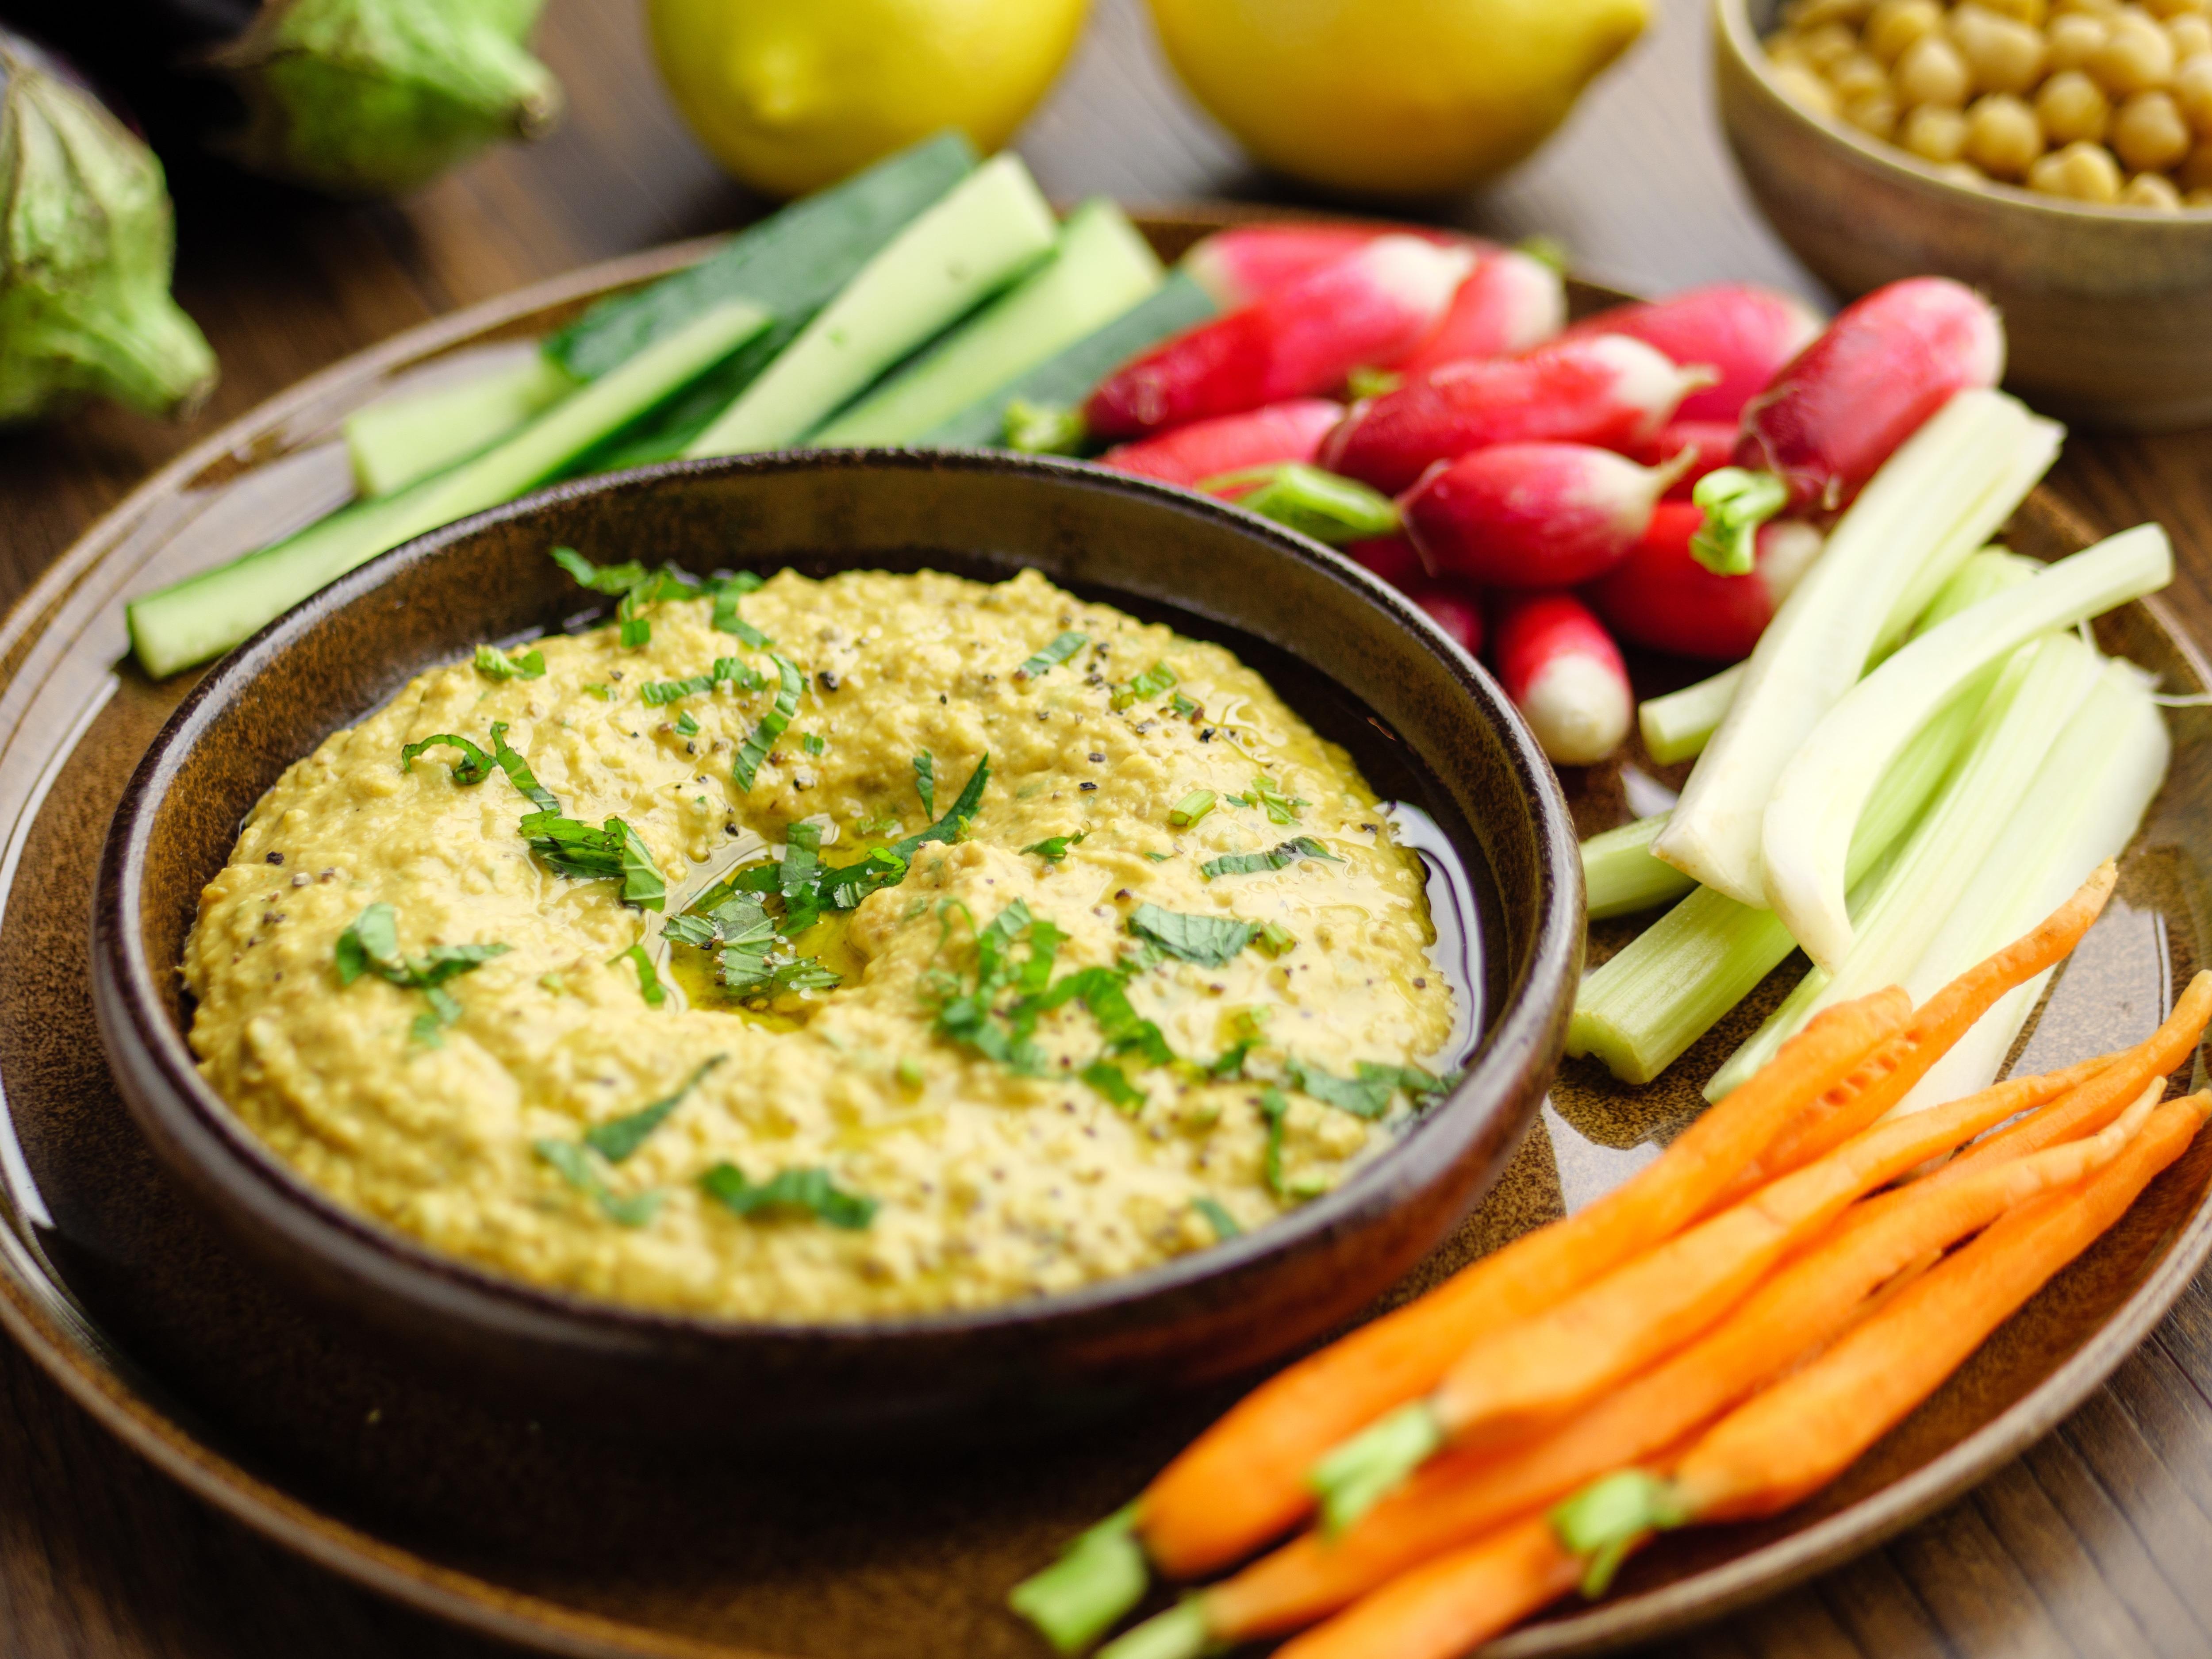 Aubergine Hummus With Crudites